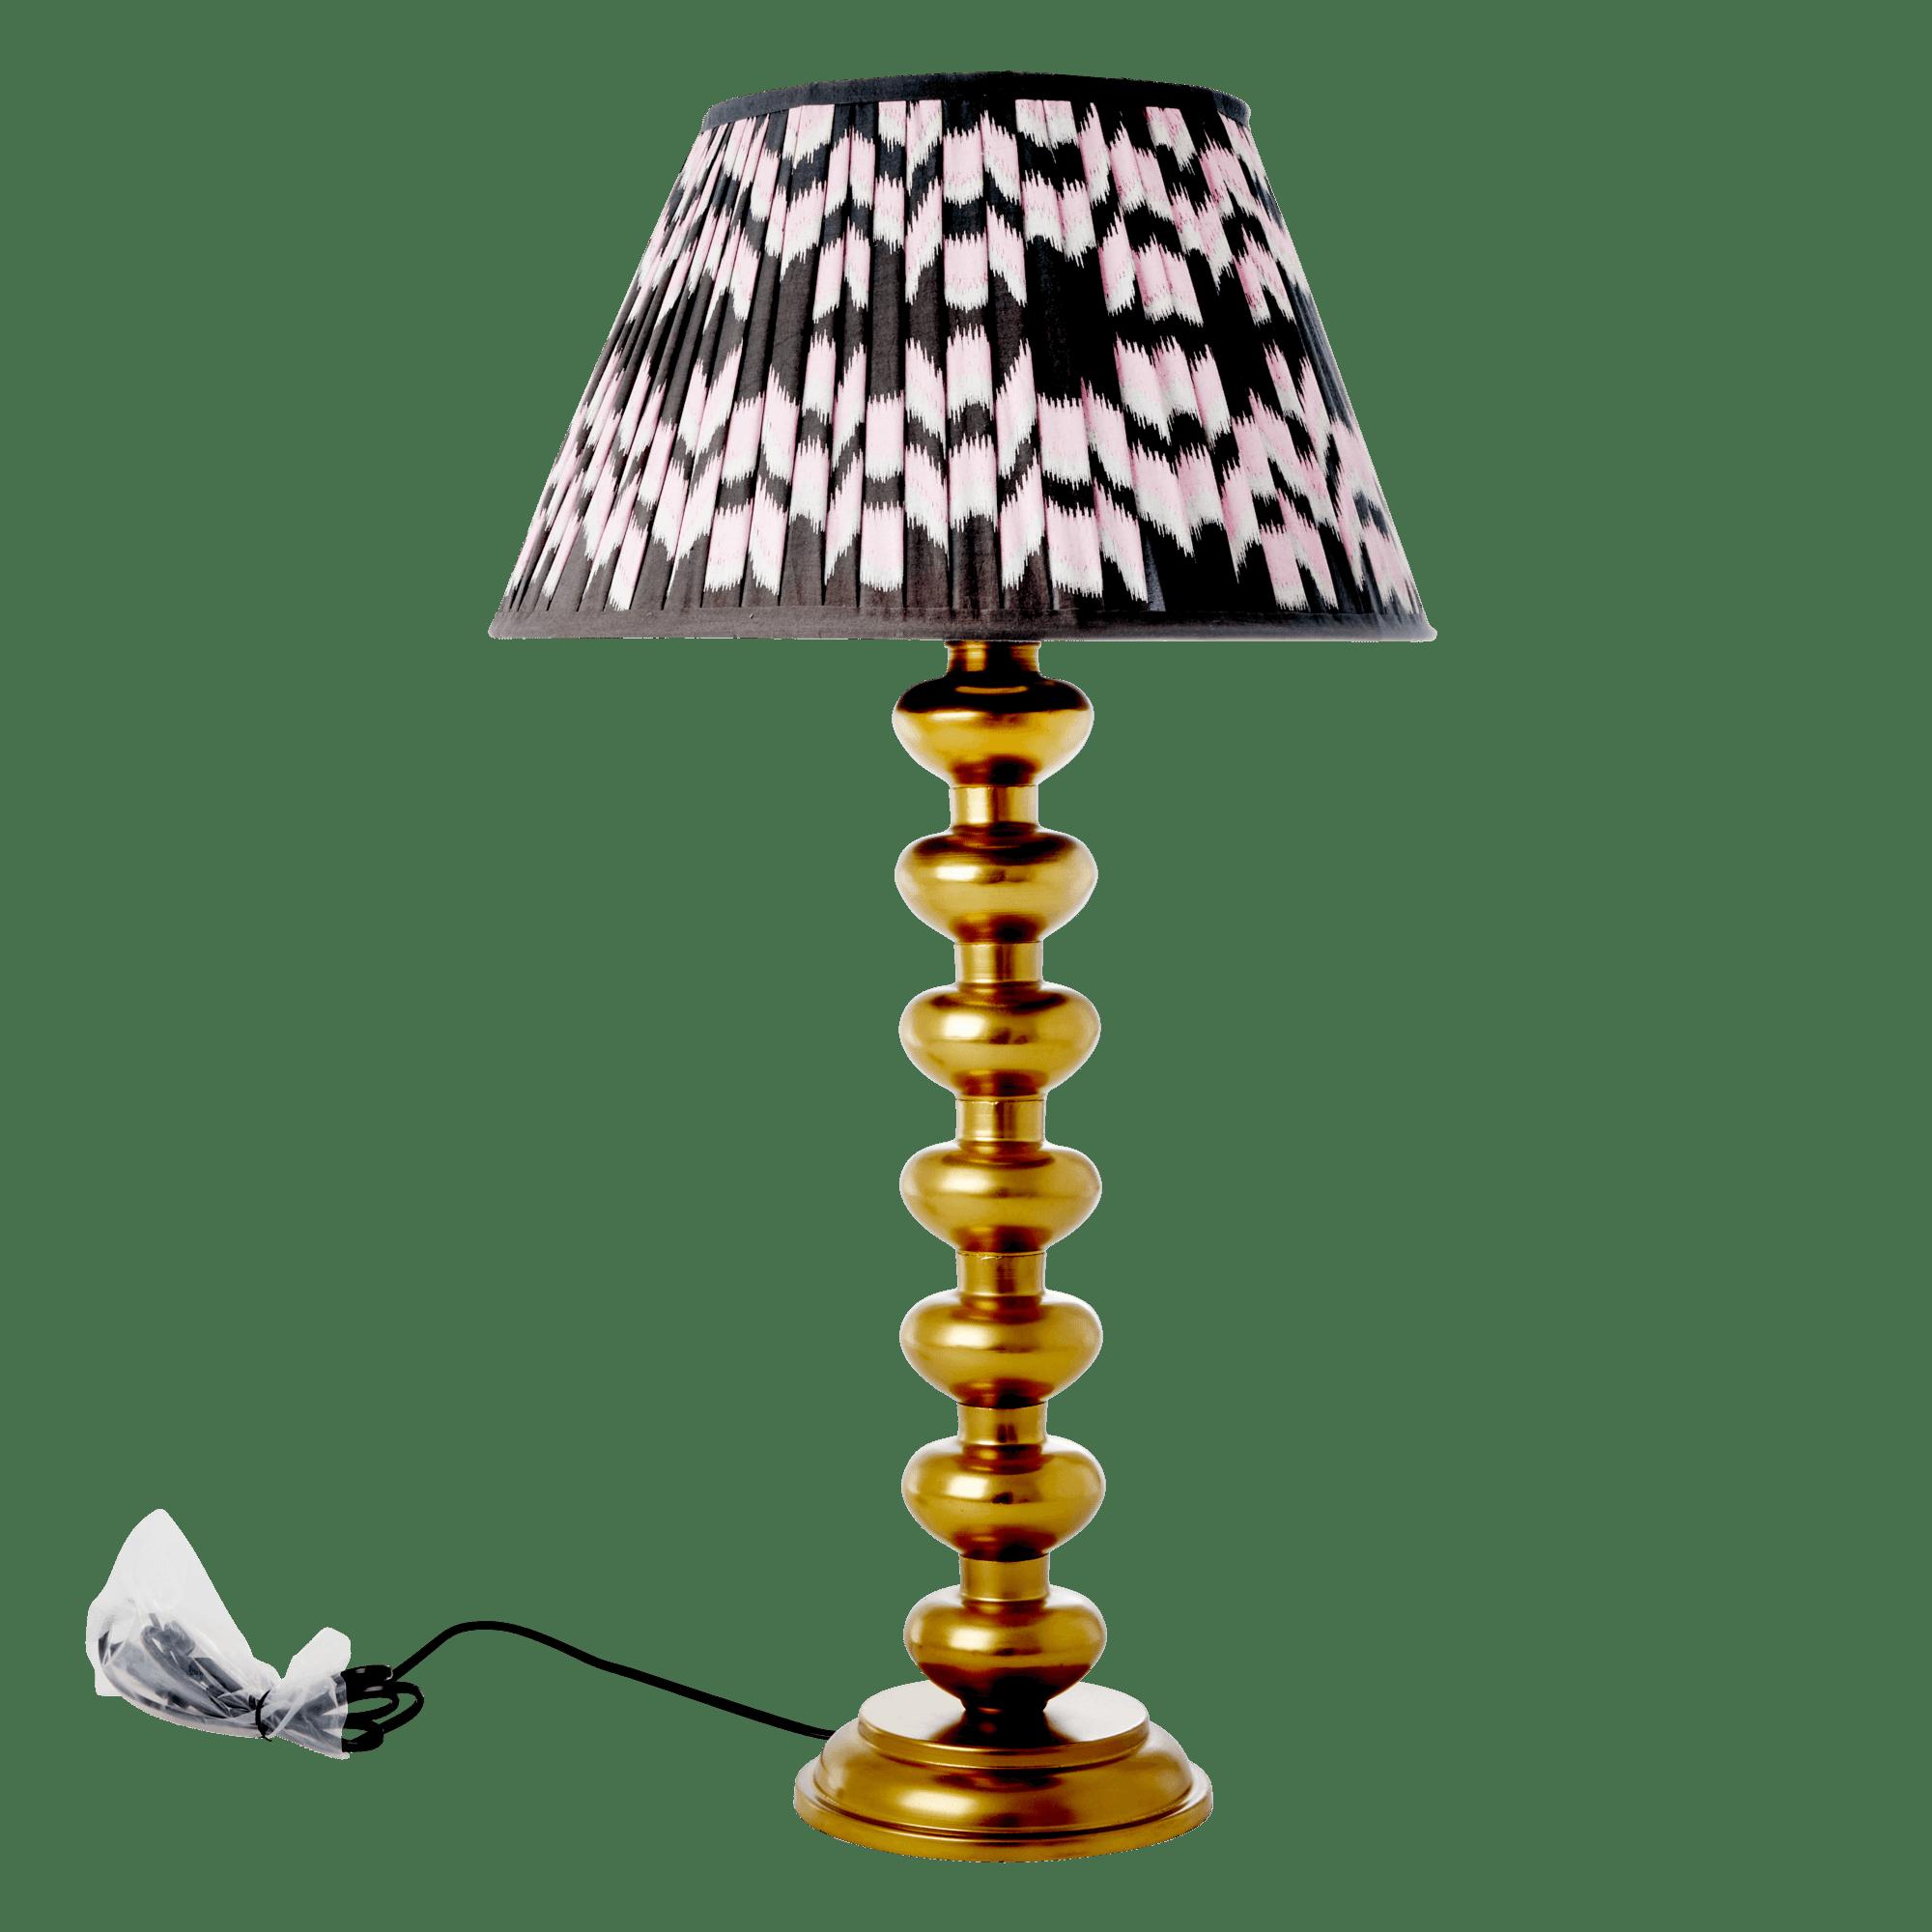 Kob Rice Metal Bord Lampe I Guld Gold Inkl Fragt